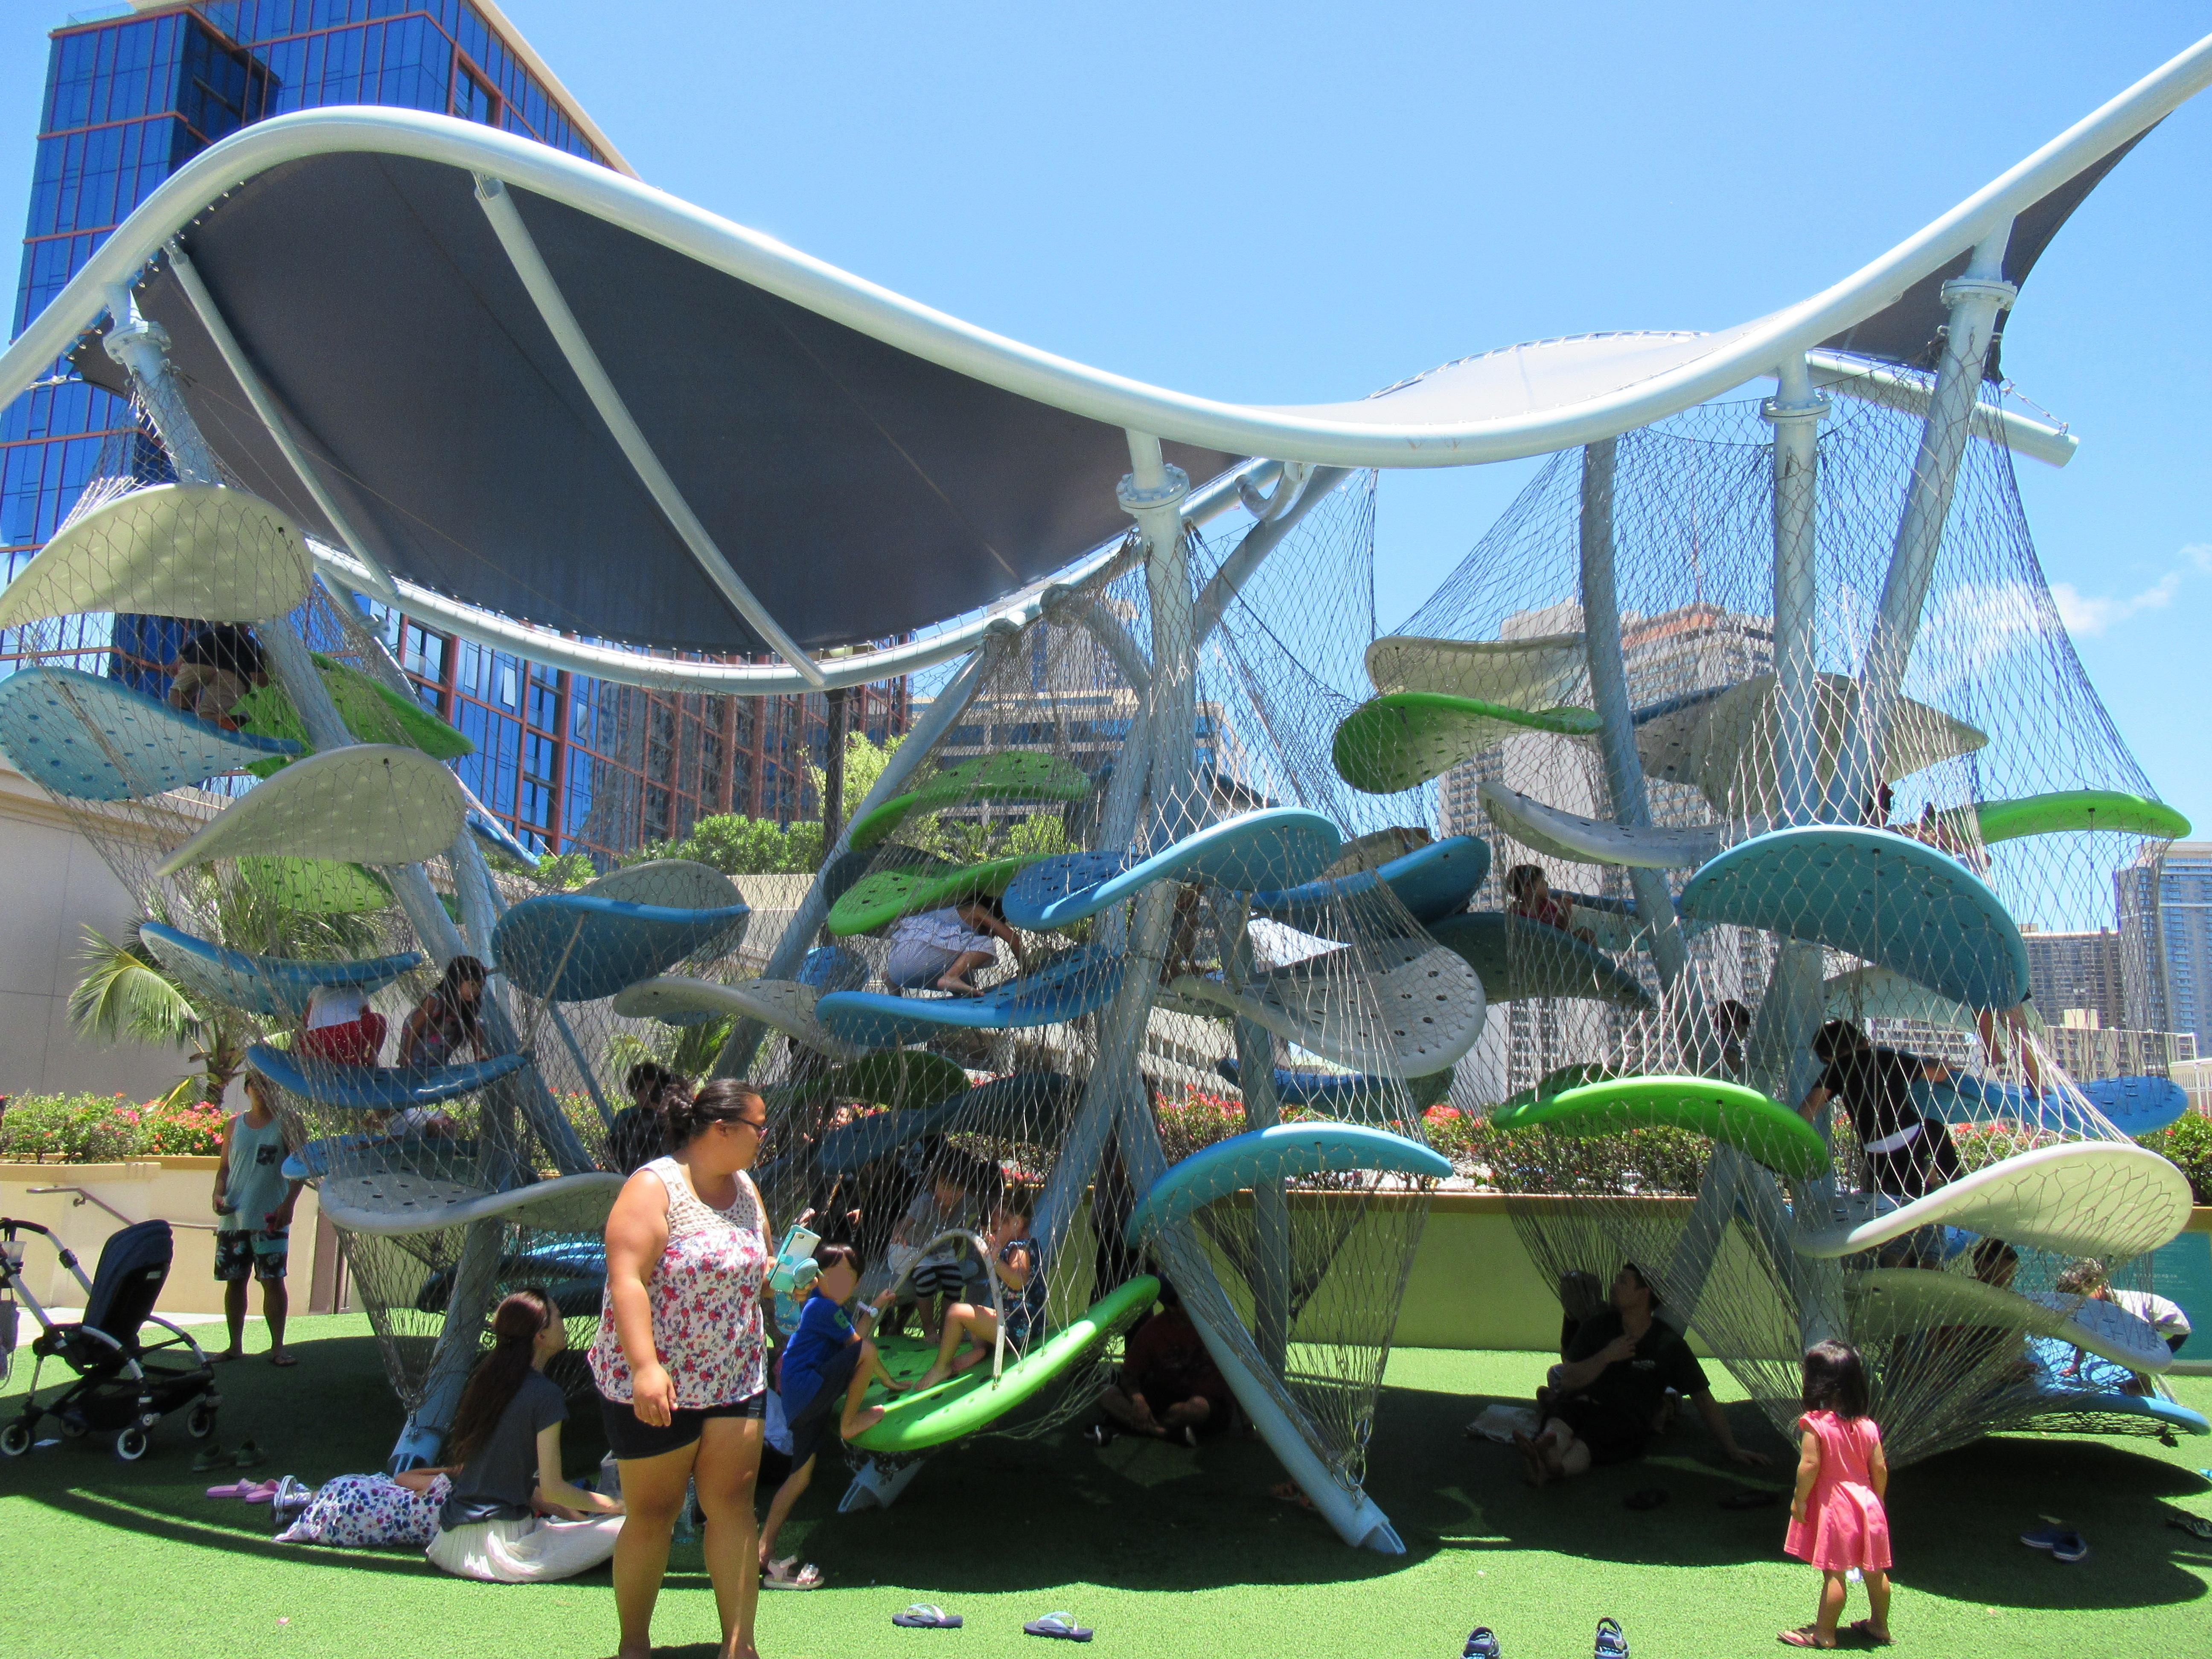 ハワイ|遊具で体を動かせる子どものオススメな遊び場☆子連れハワイブログ